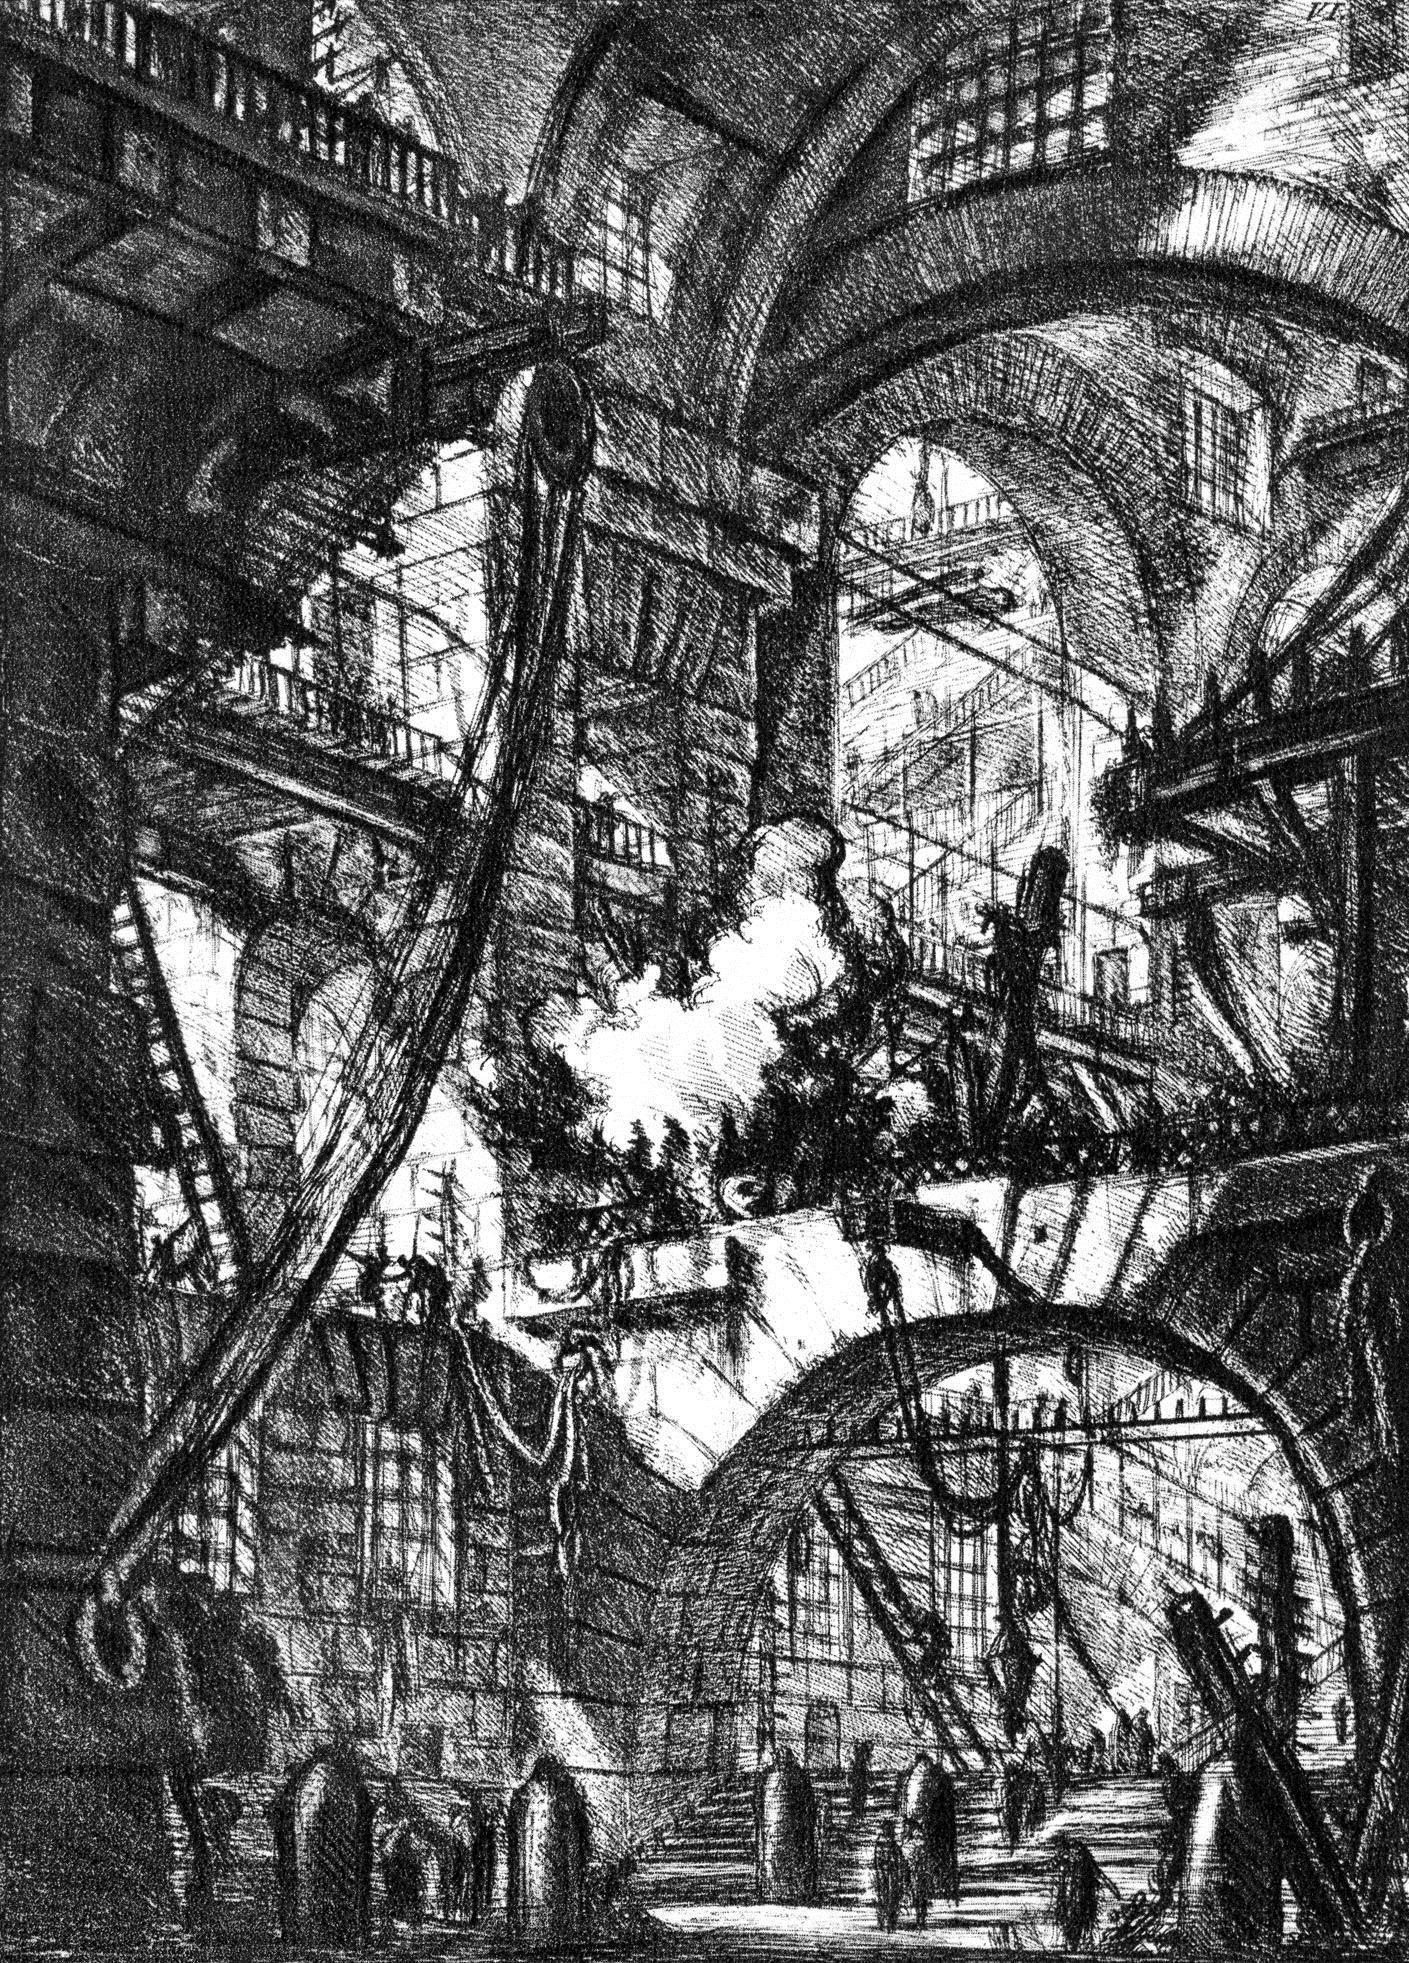 Piranesi-Carceri VI-The Smoking Fire-1761